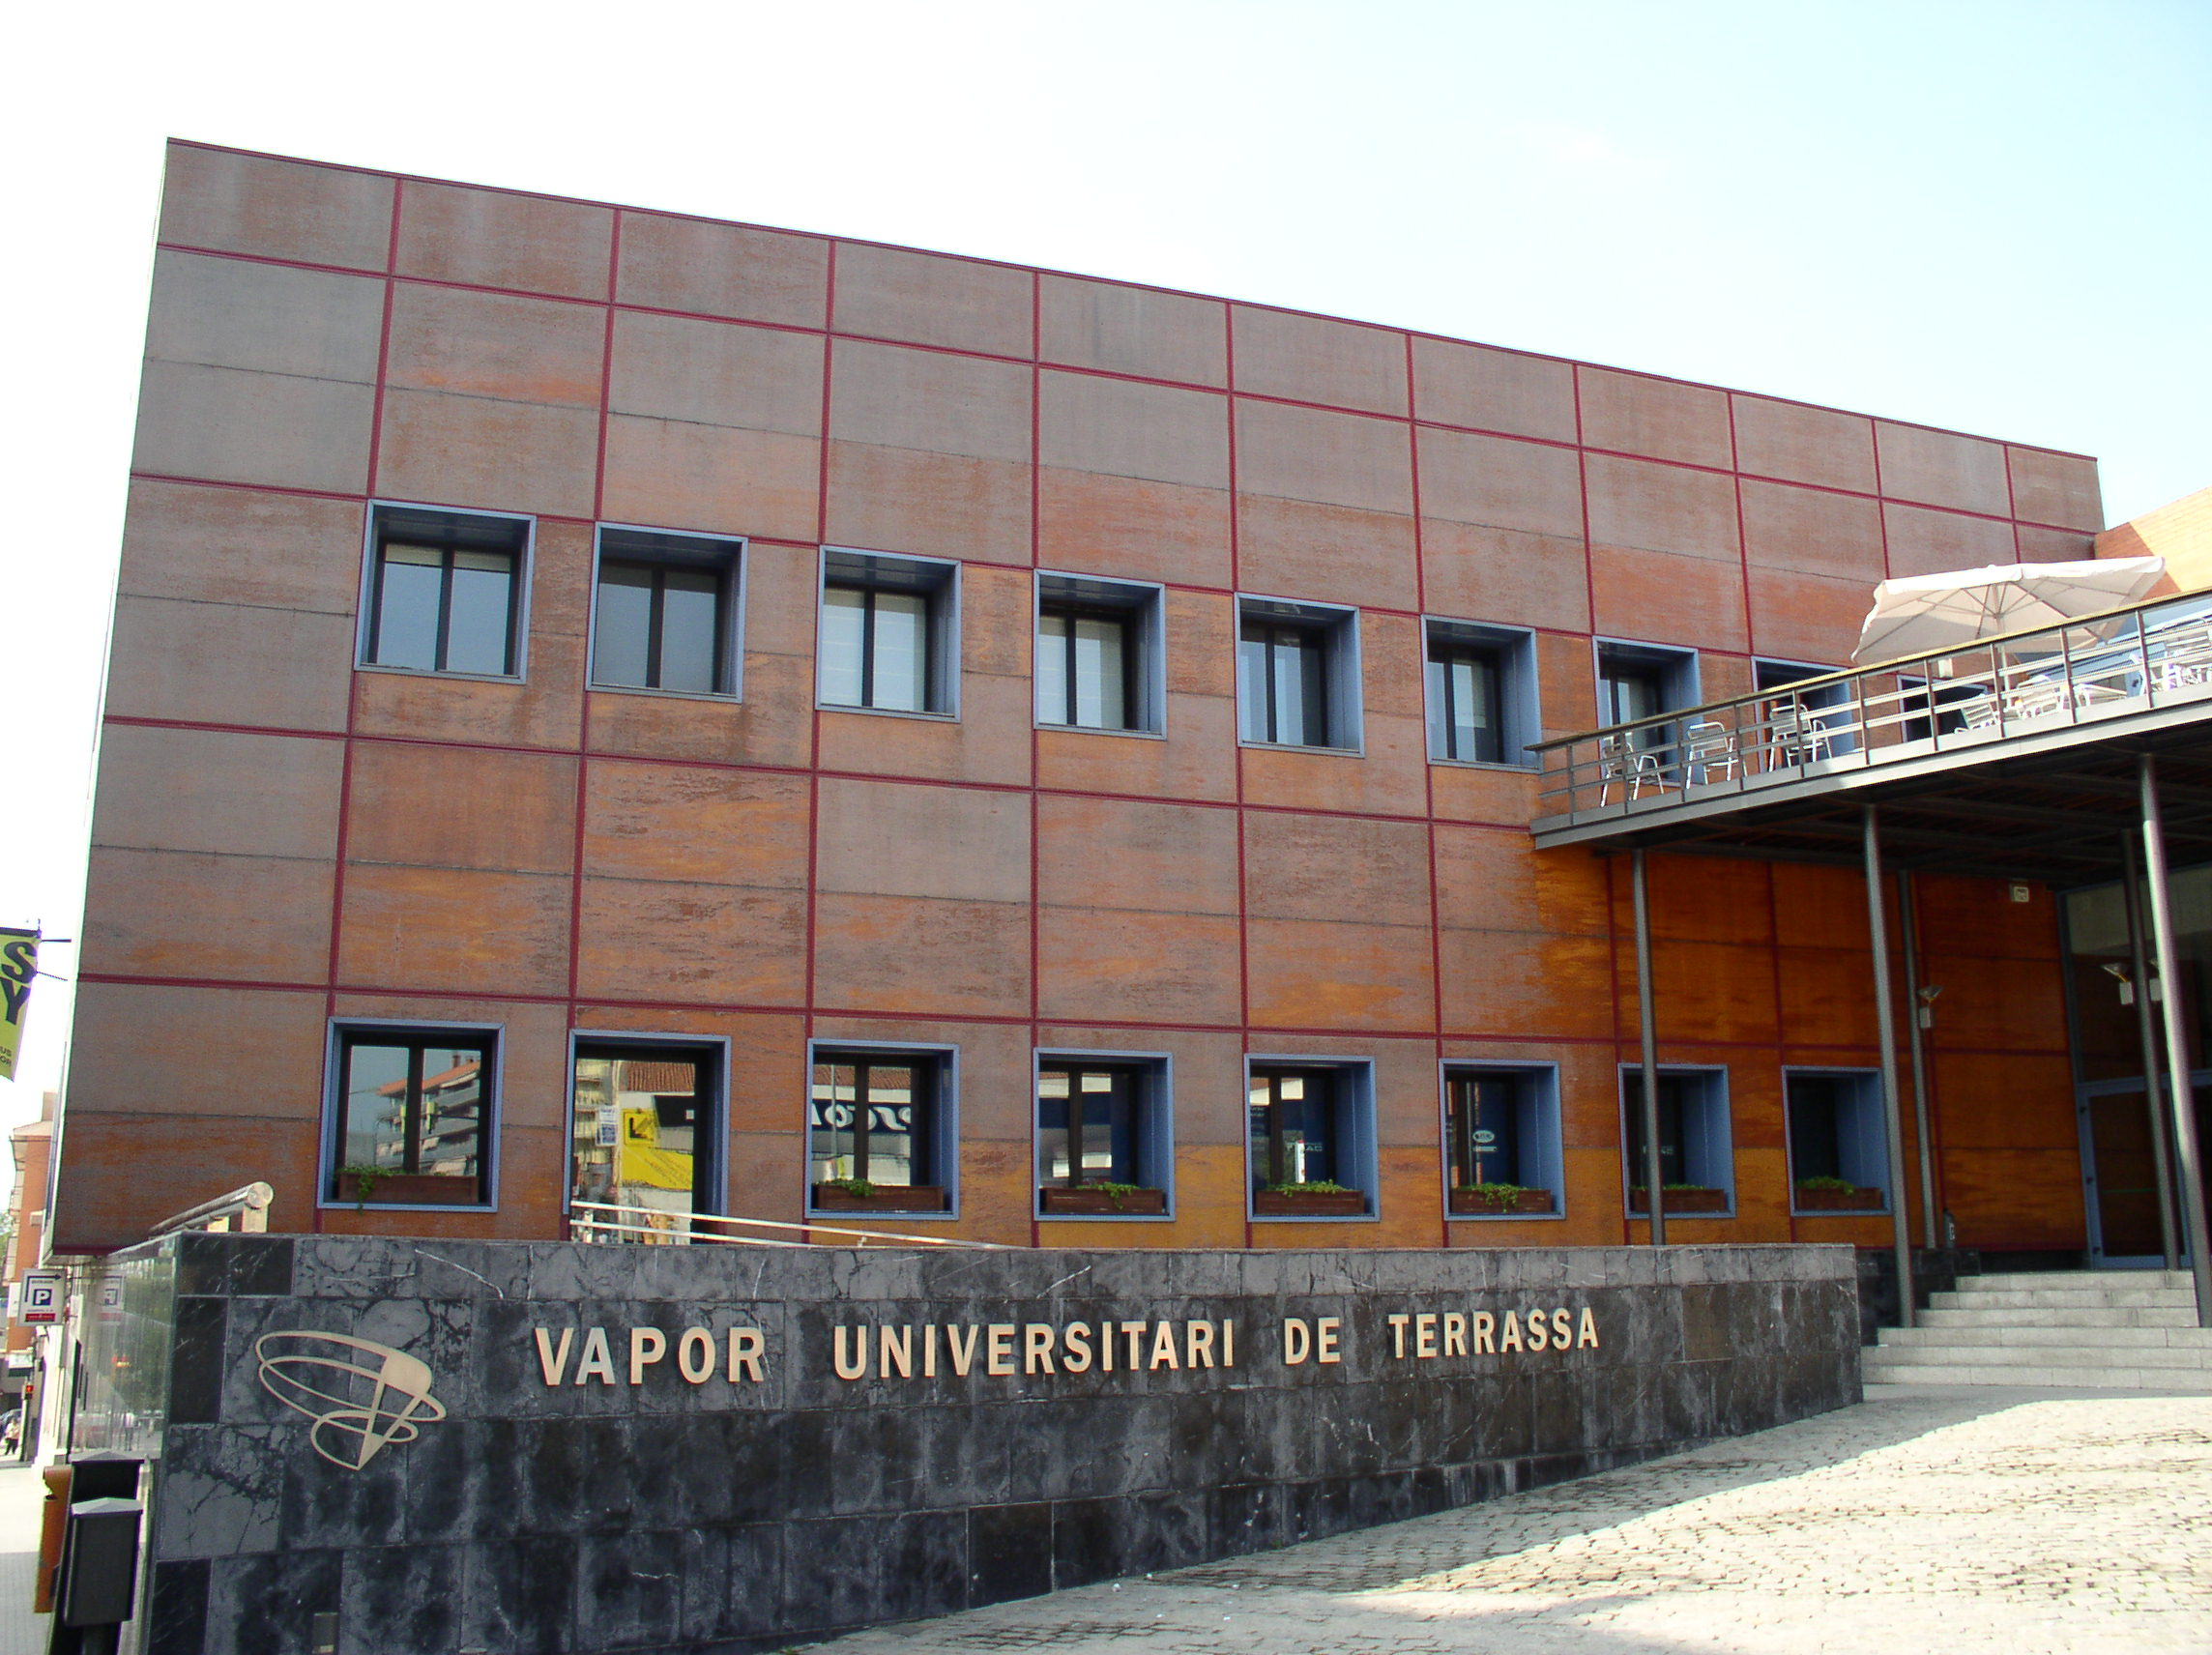 VAPOR UNIVERSITARIO TERRASSA